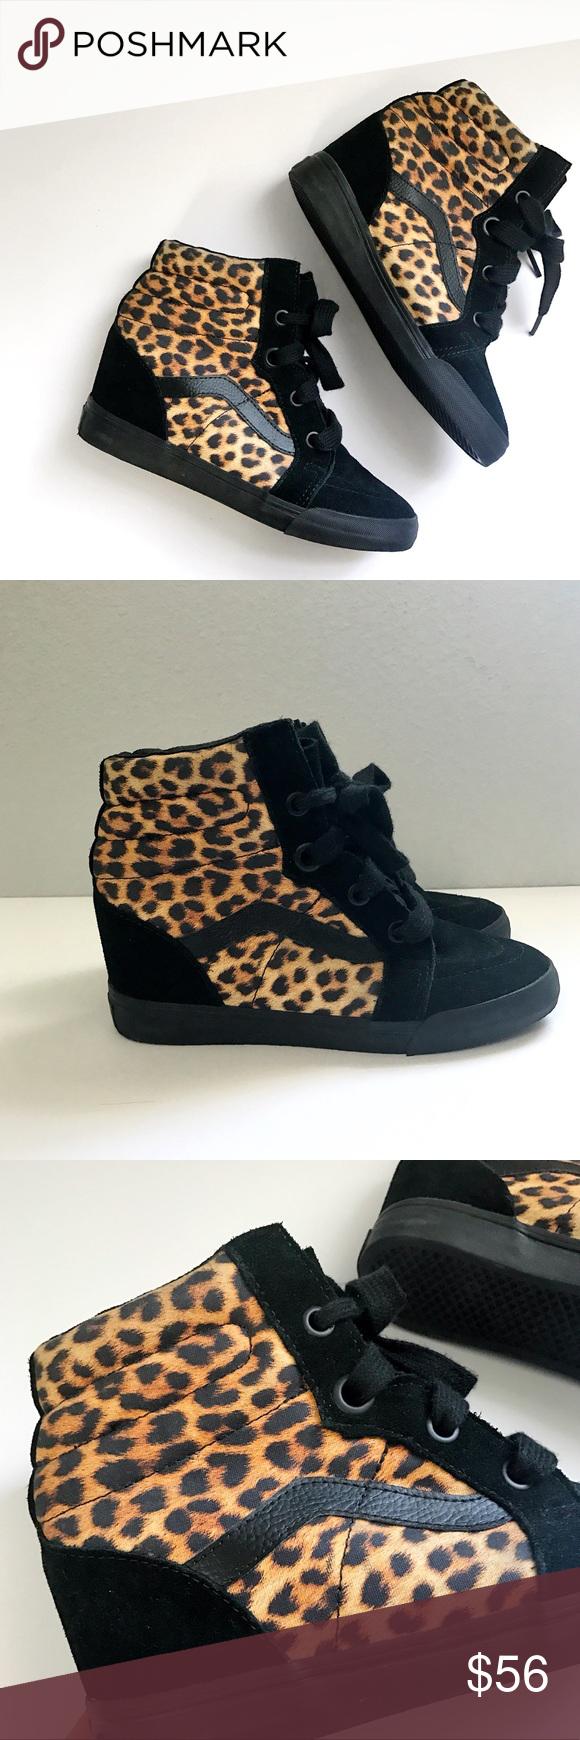 30a71f0b24 Vans Sk8-Hi Top Leopard Wedges Tag size 8 Women s